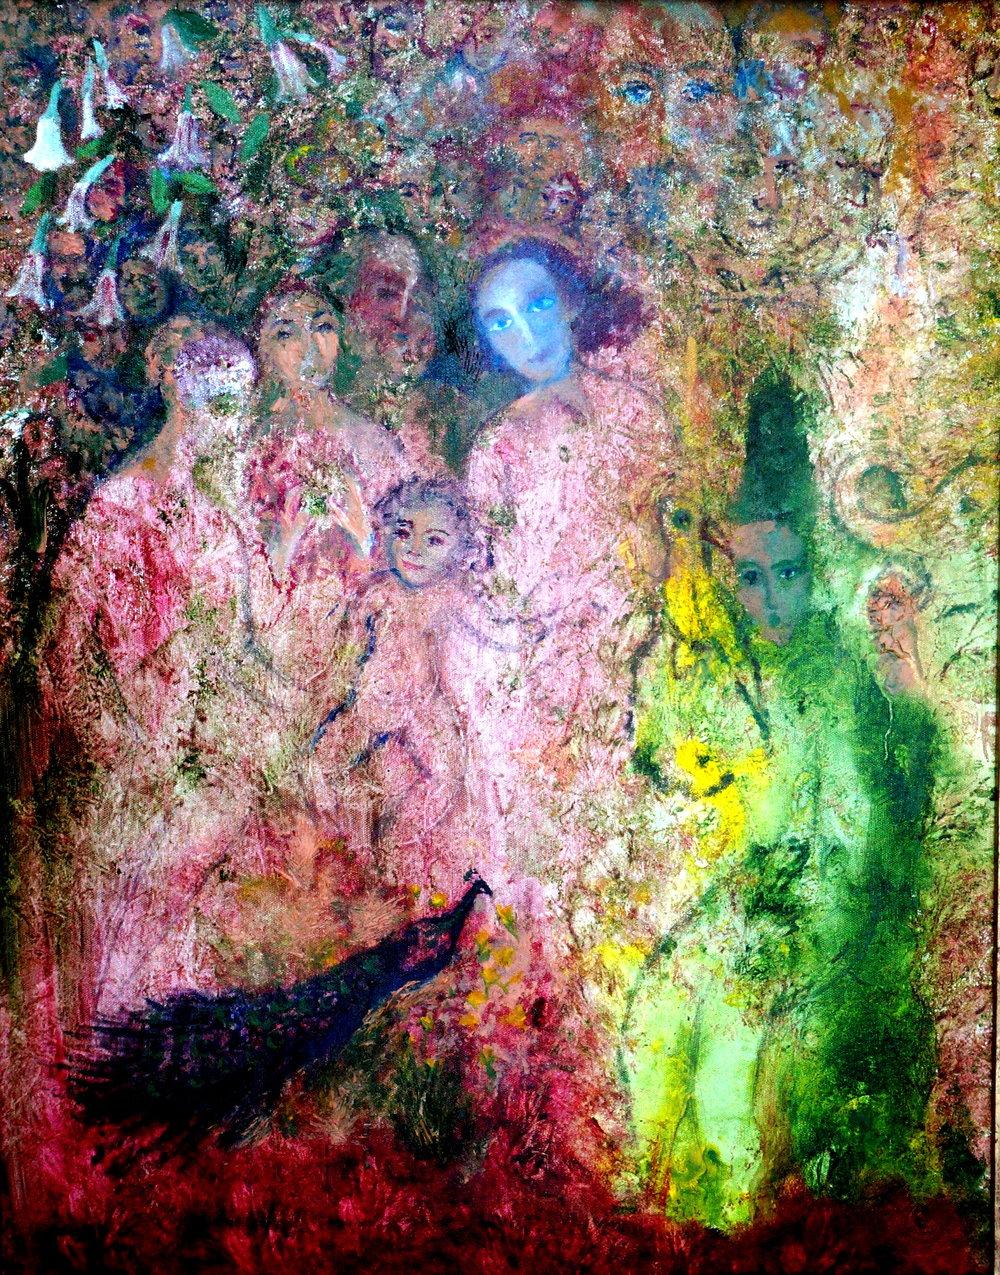 The Family_Acrylic on Canvas 24 x 30_2012.JPG